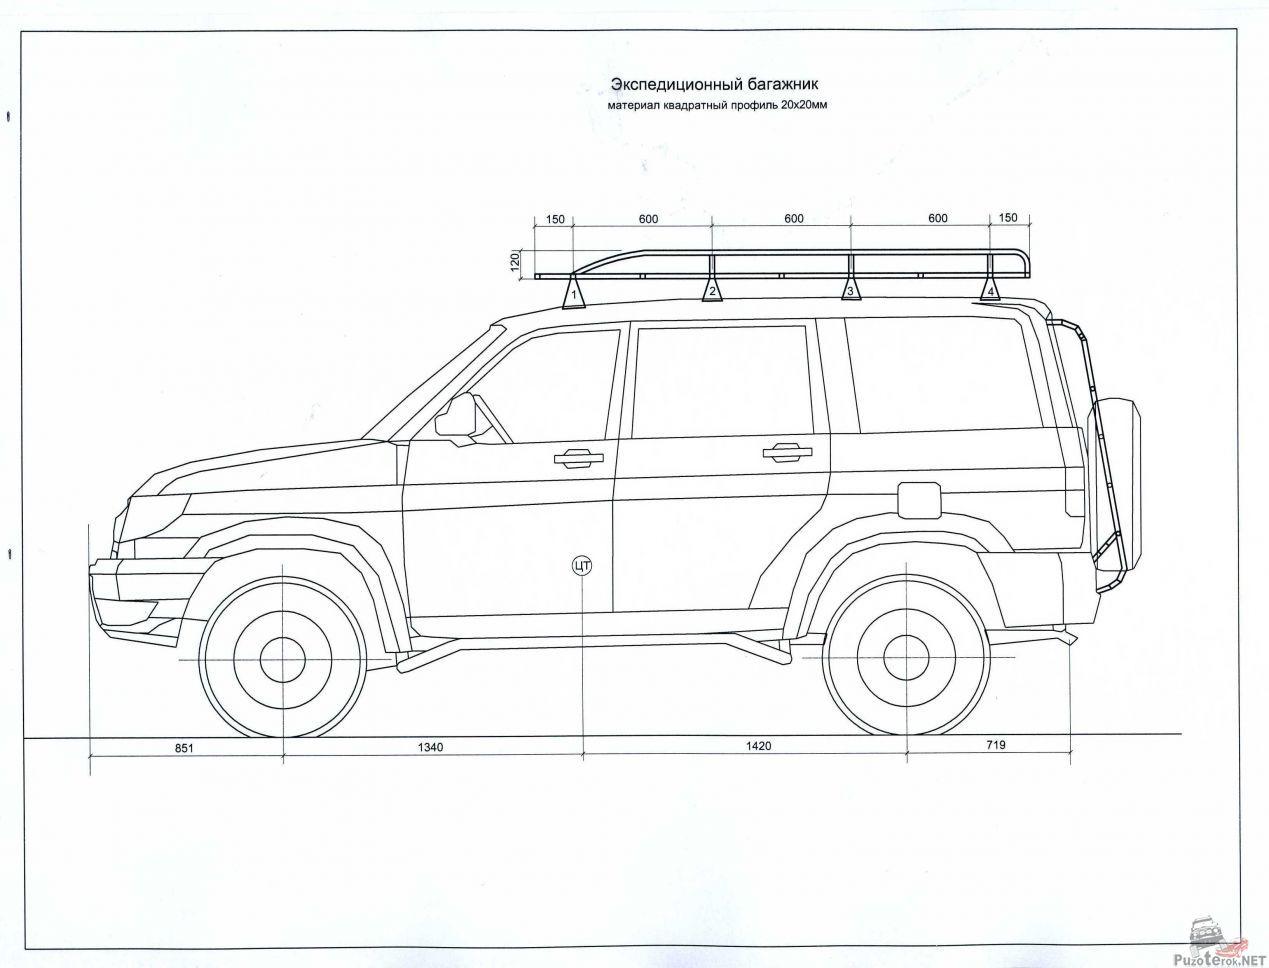 Как сделать экспедиционный багажник на уаз патриот чертежи